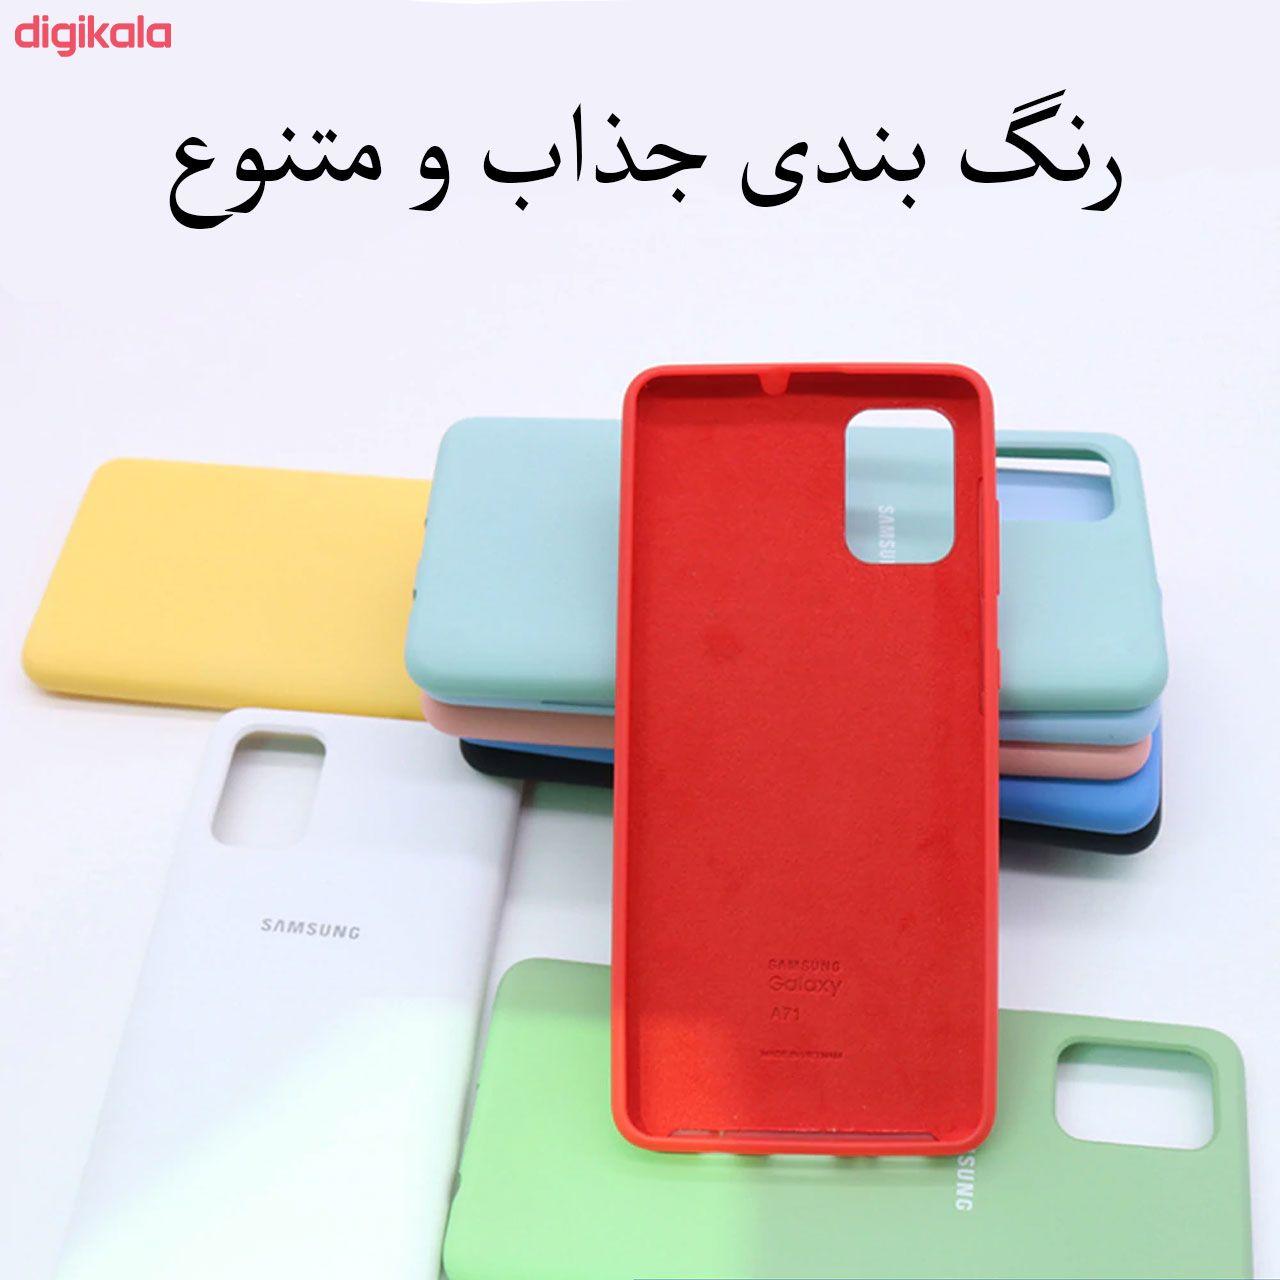 کاور مدل SLCN مناسب برای گوشی موبایل سامسونگ Galaxy A71 main 1 3